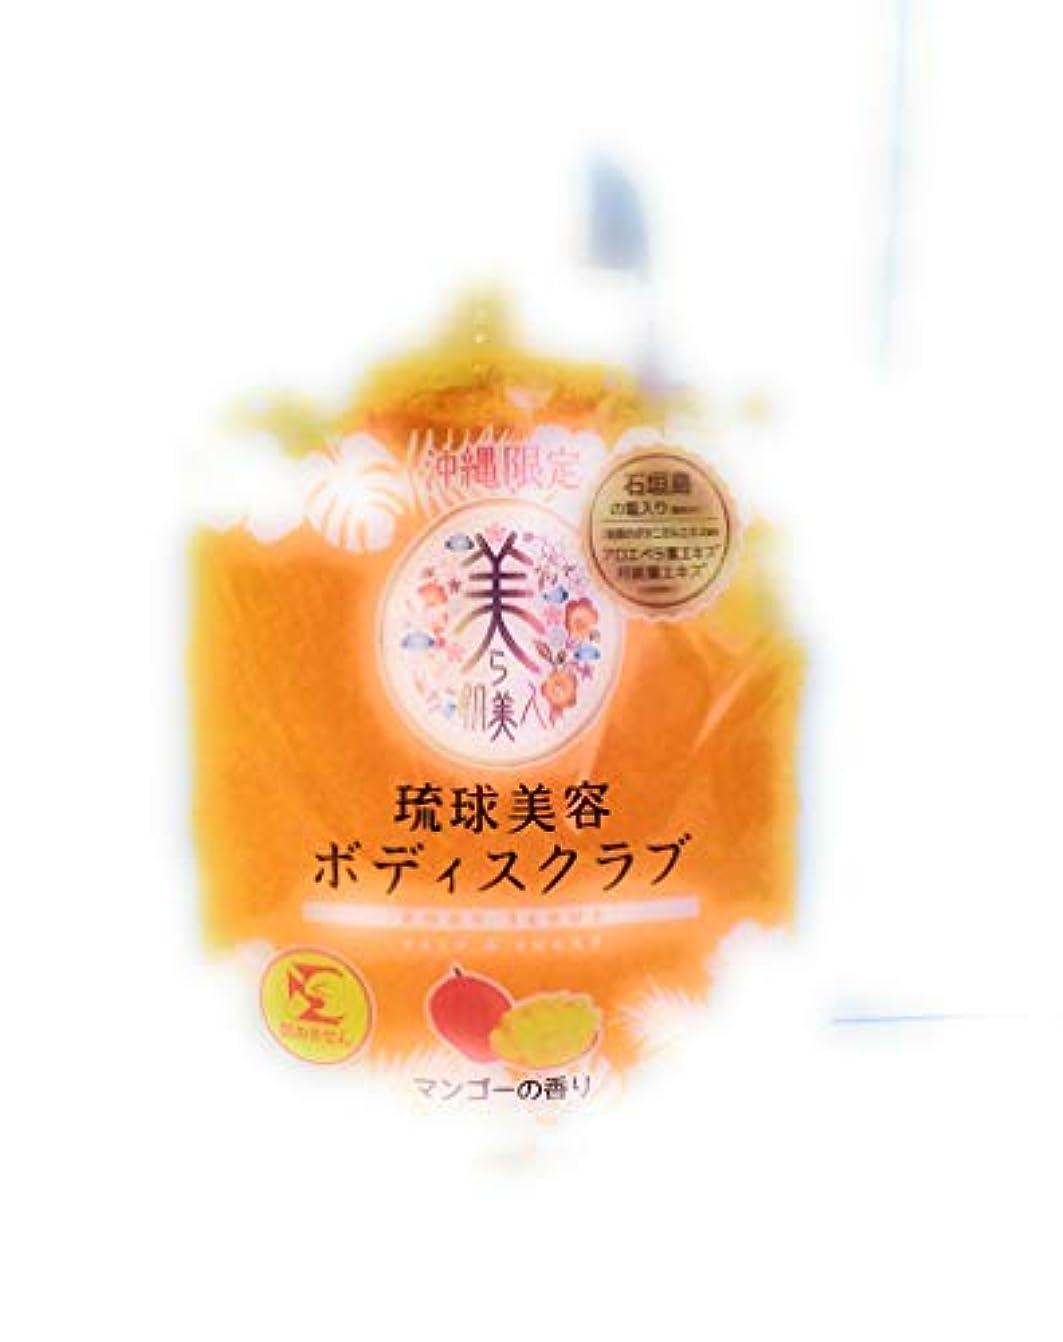 ゲームドレスひねくれた沖縄限定 美ら肌美人 琉球美容ボディスクラブ マンゴーの香り